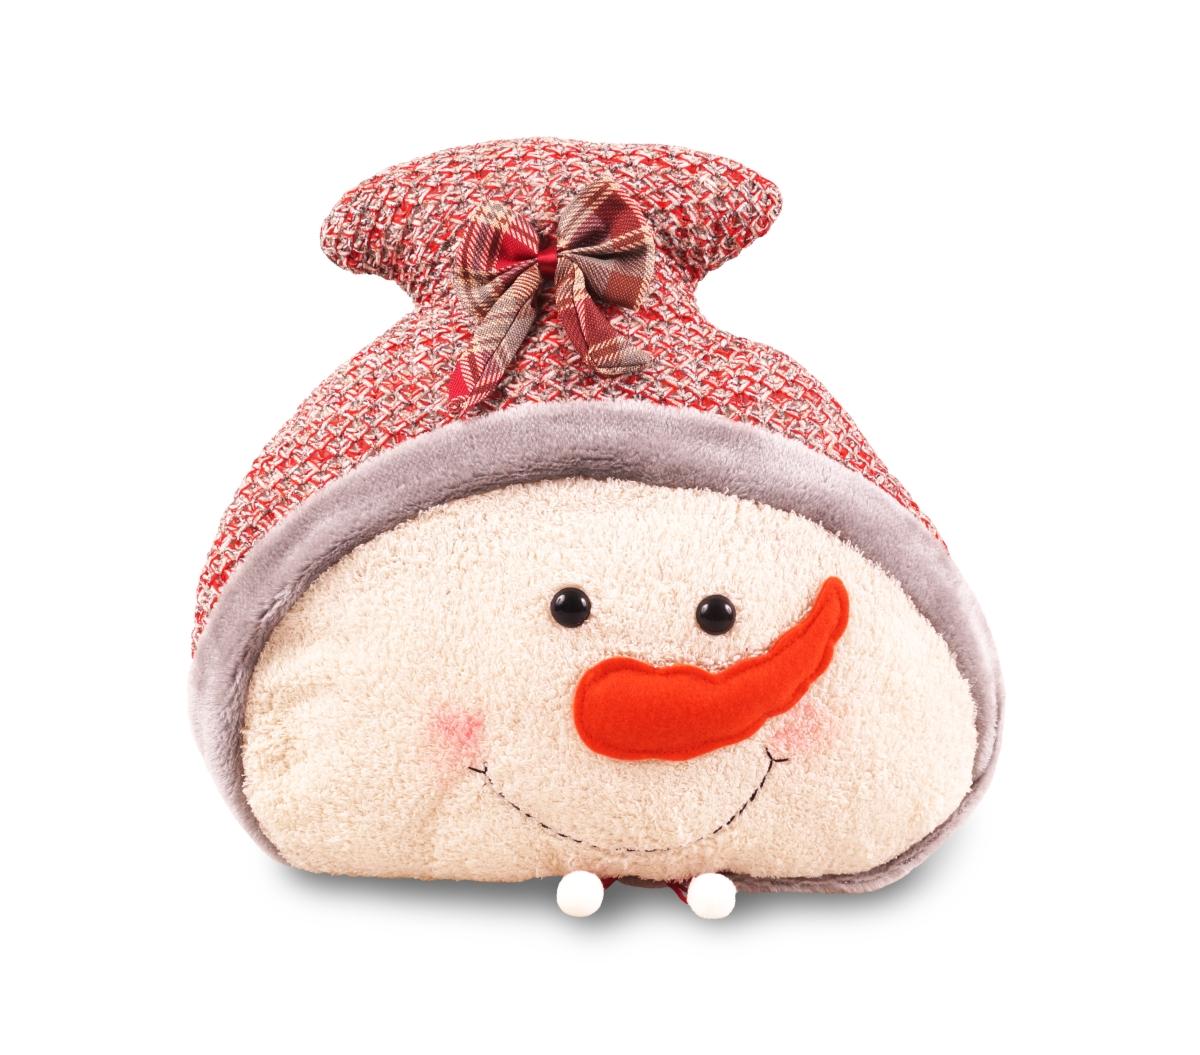 Dekorativní polštář, ve tvaru sněhuláka